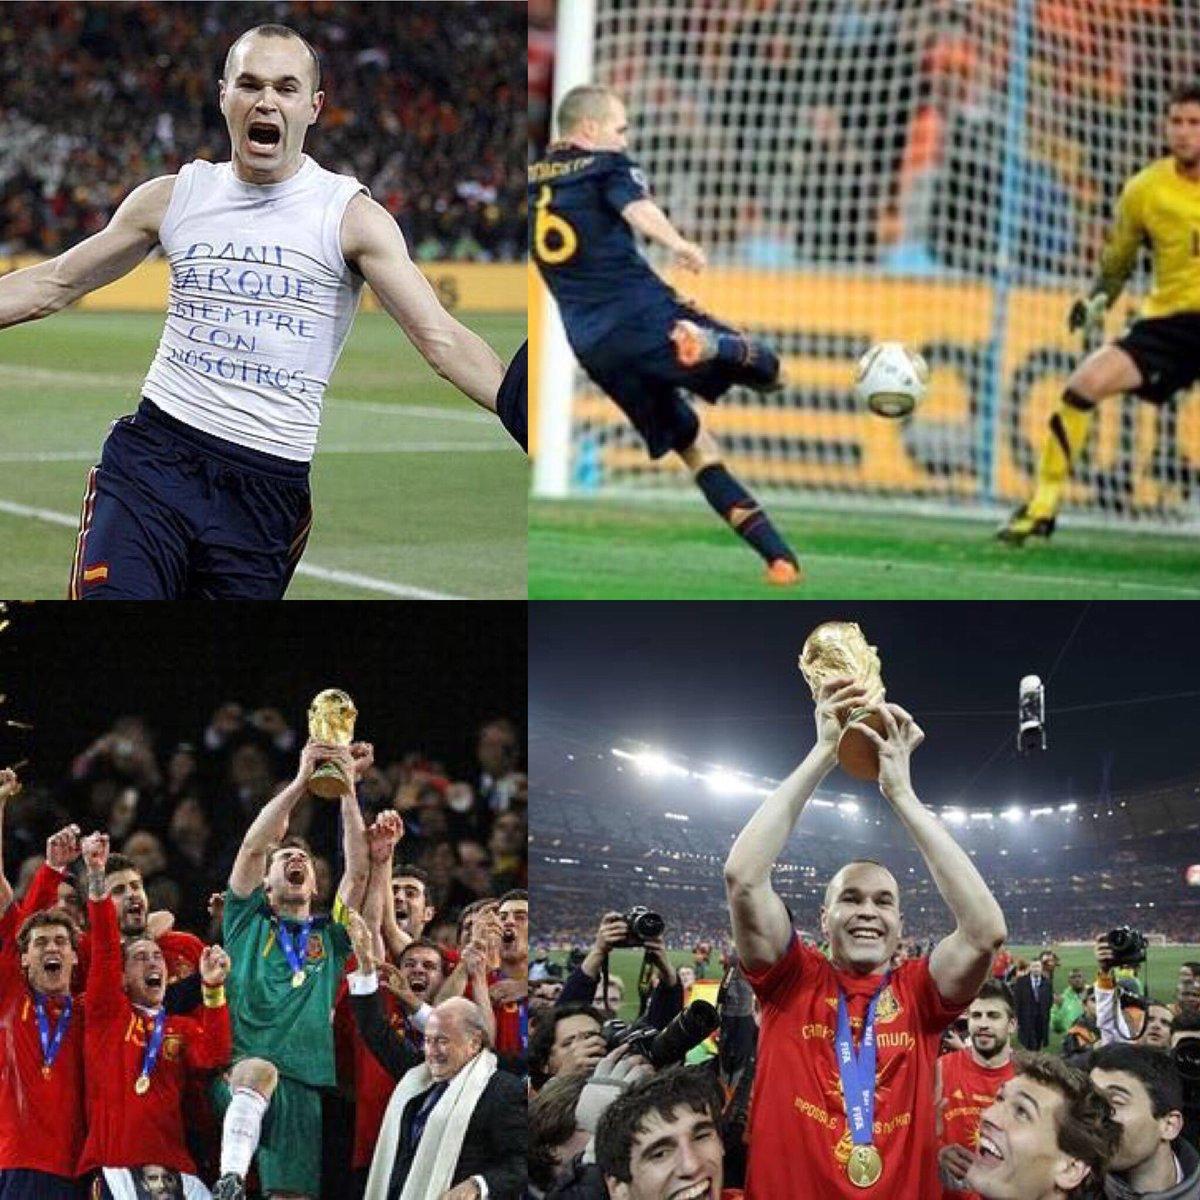 El 11 de Julio siempre estará grabado en nuestros corazones. @SeFutbol #campeonesdelmundo #sudafrica2010